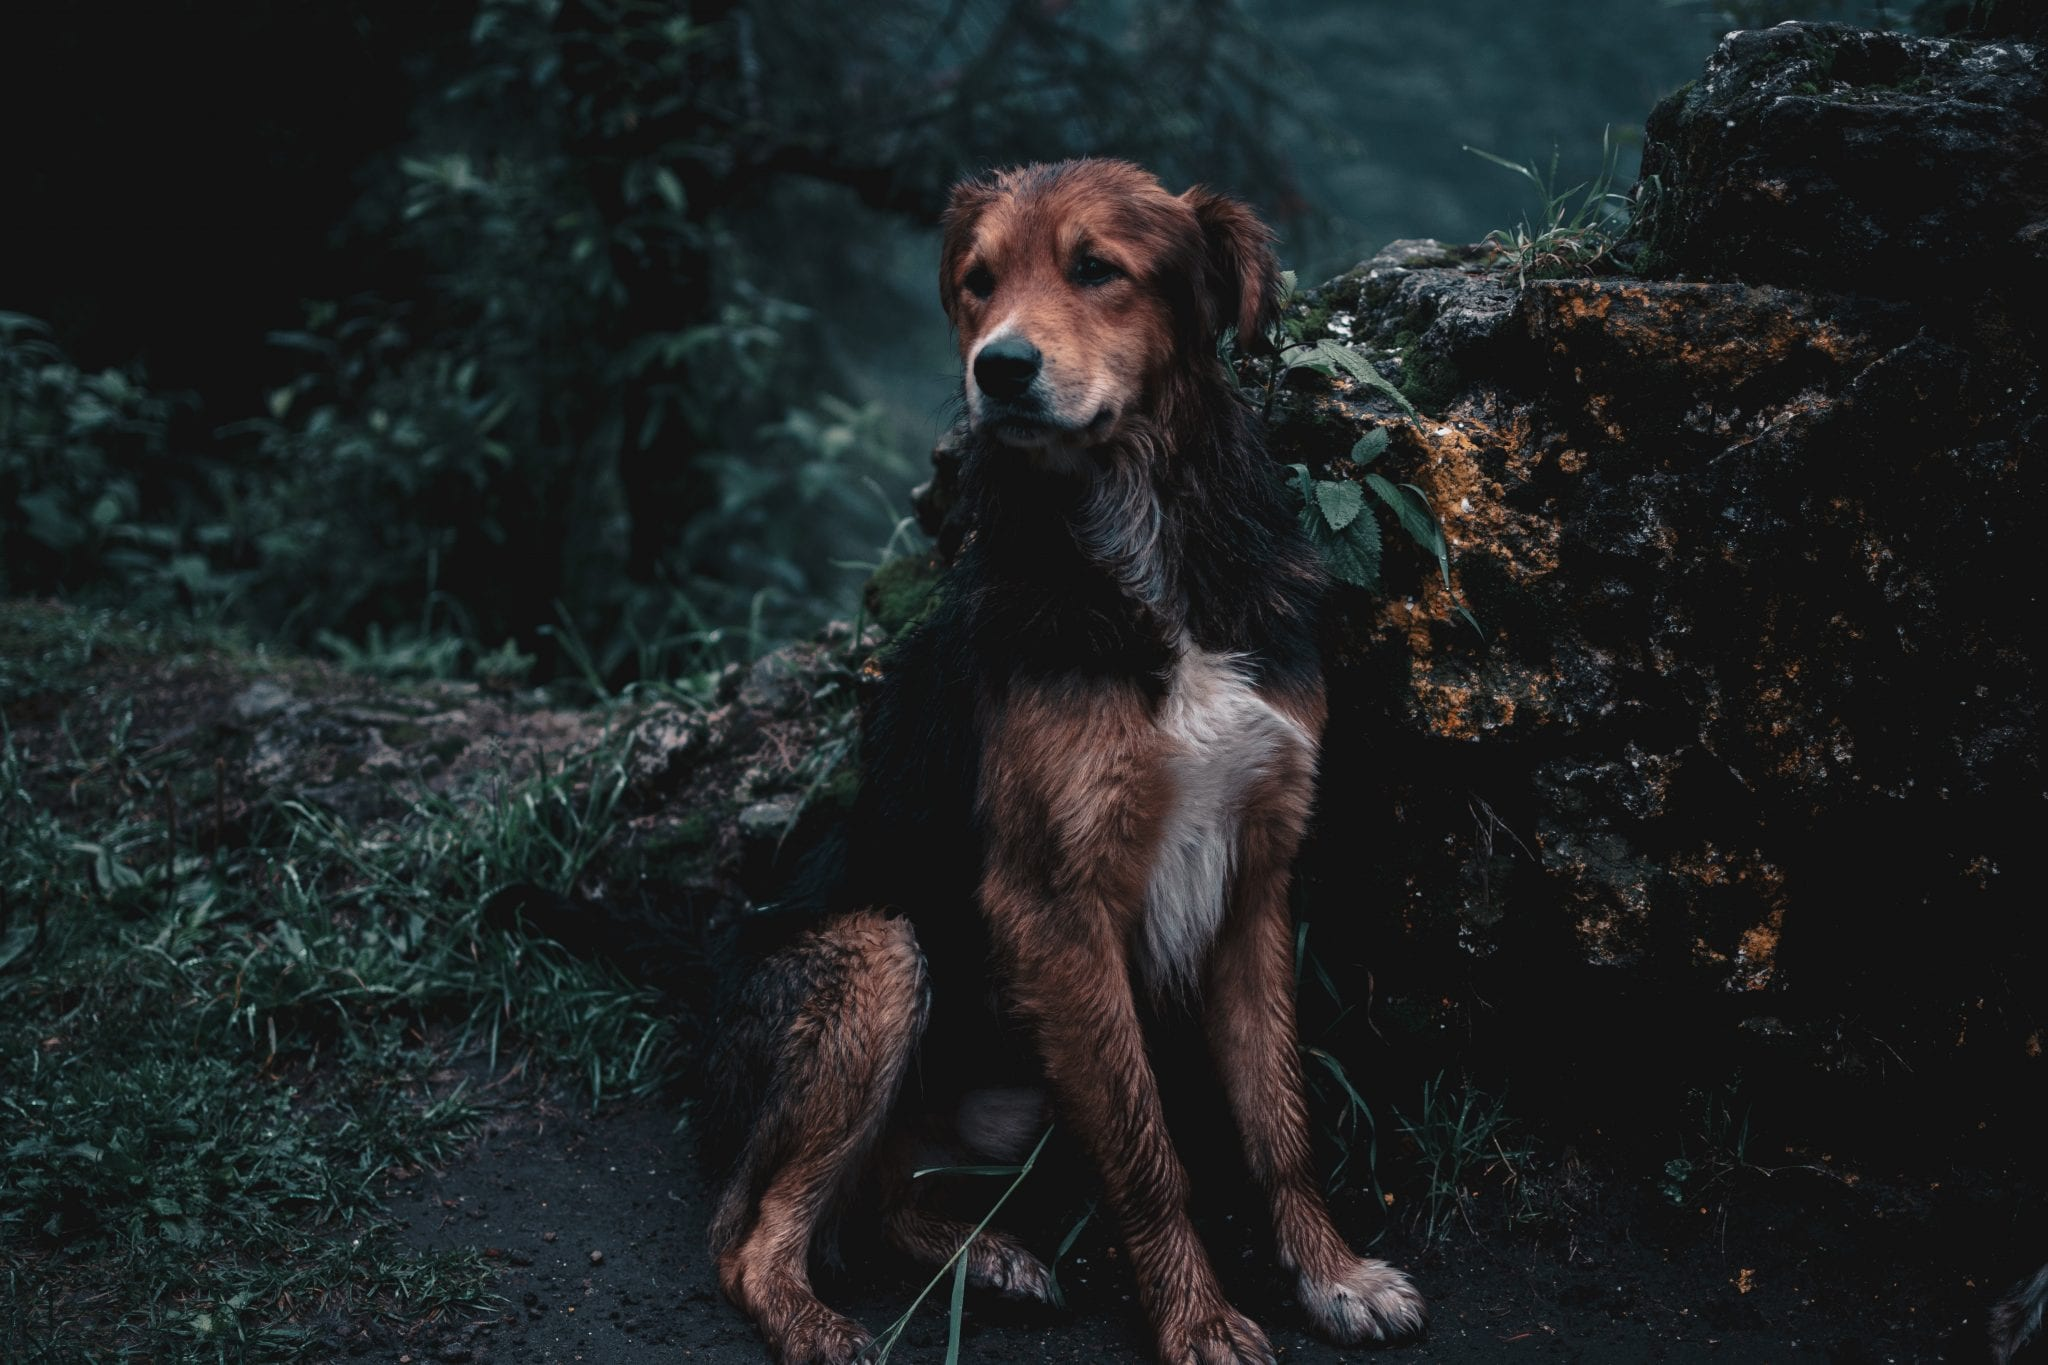 bergwandelen met de hond